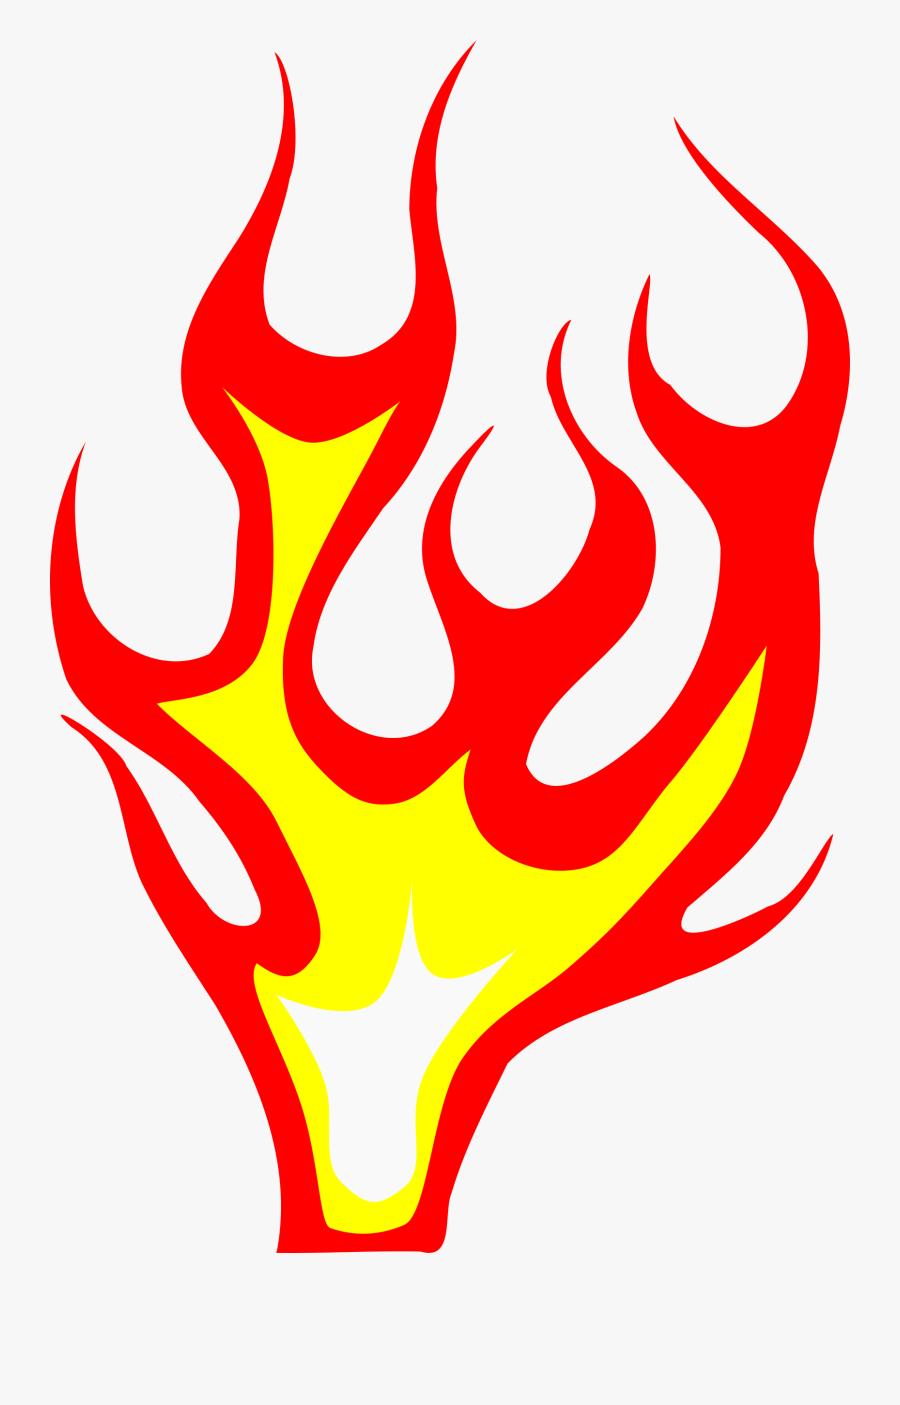 Flame Clipart, Transparent Clipart